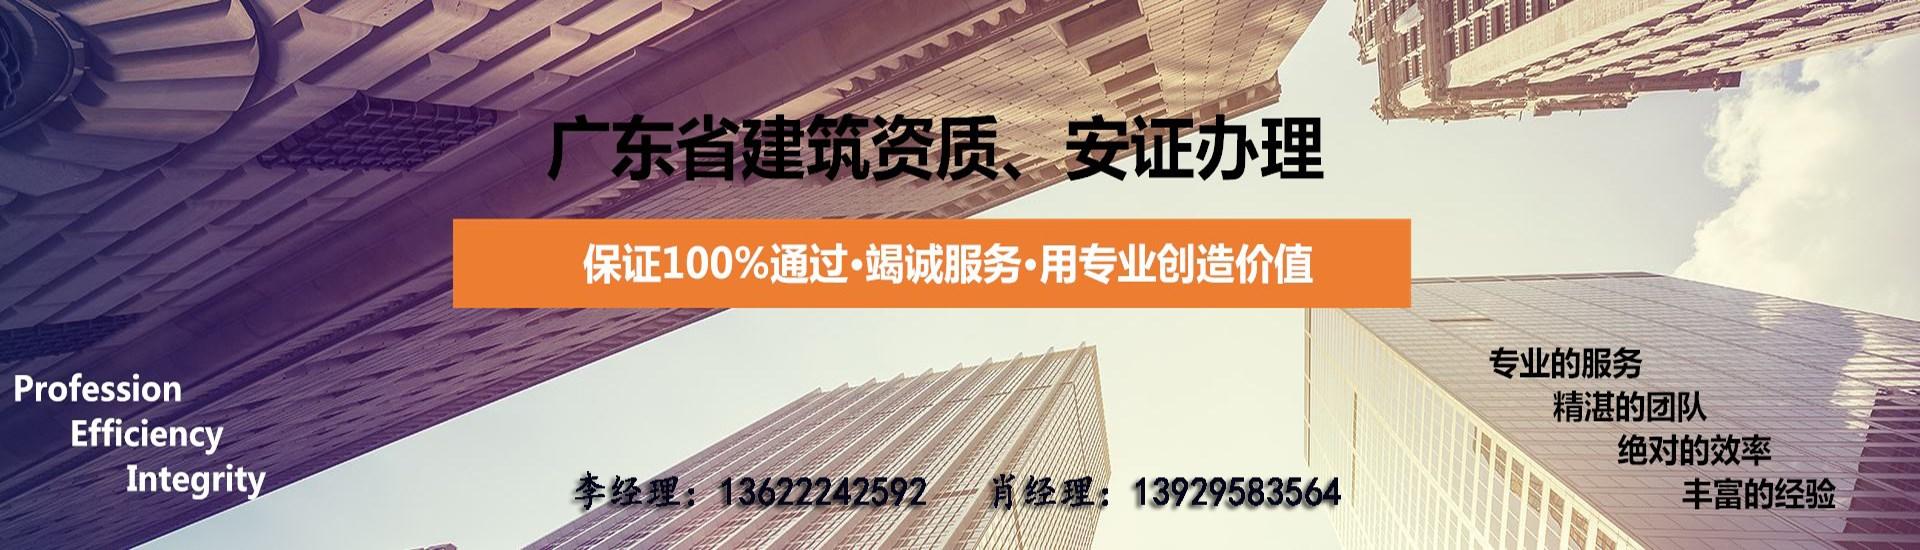 资质代办_广东博高工程咨询有限公司